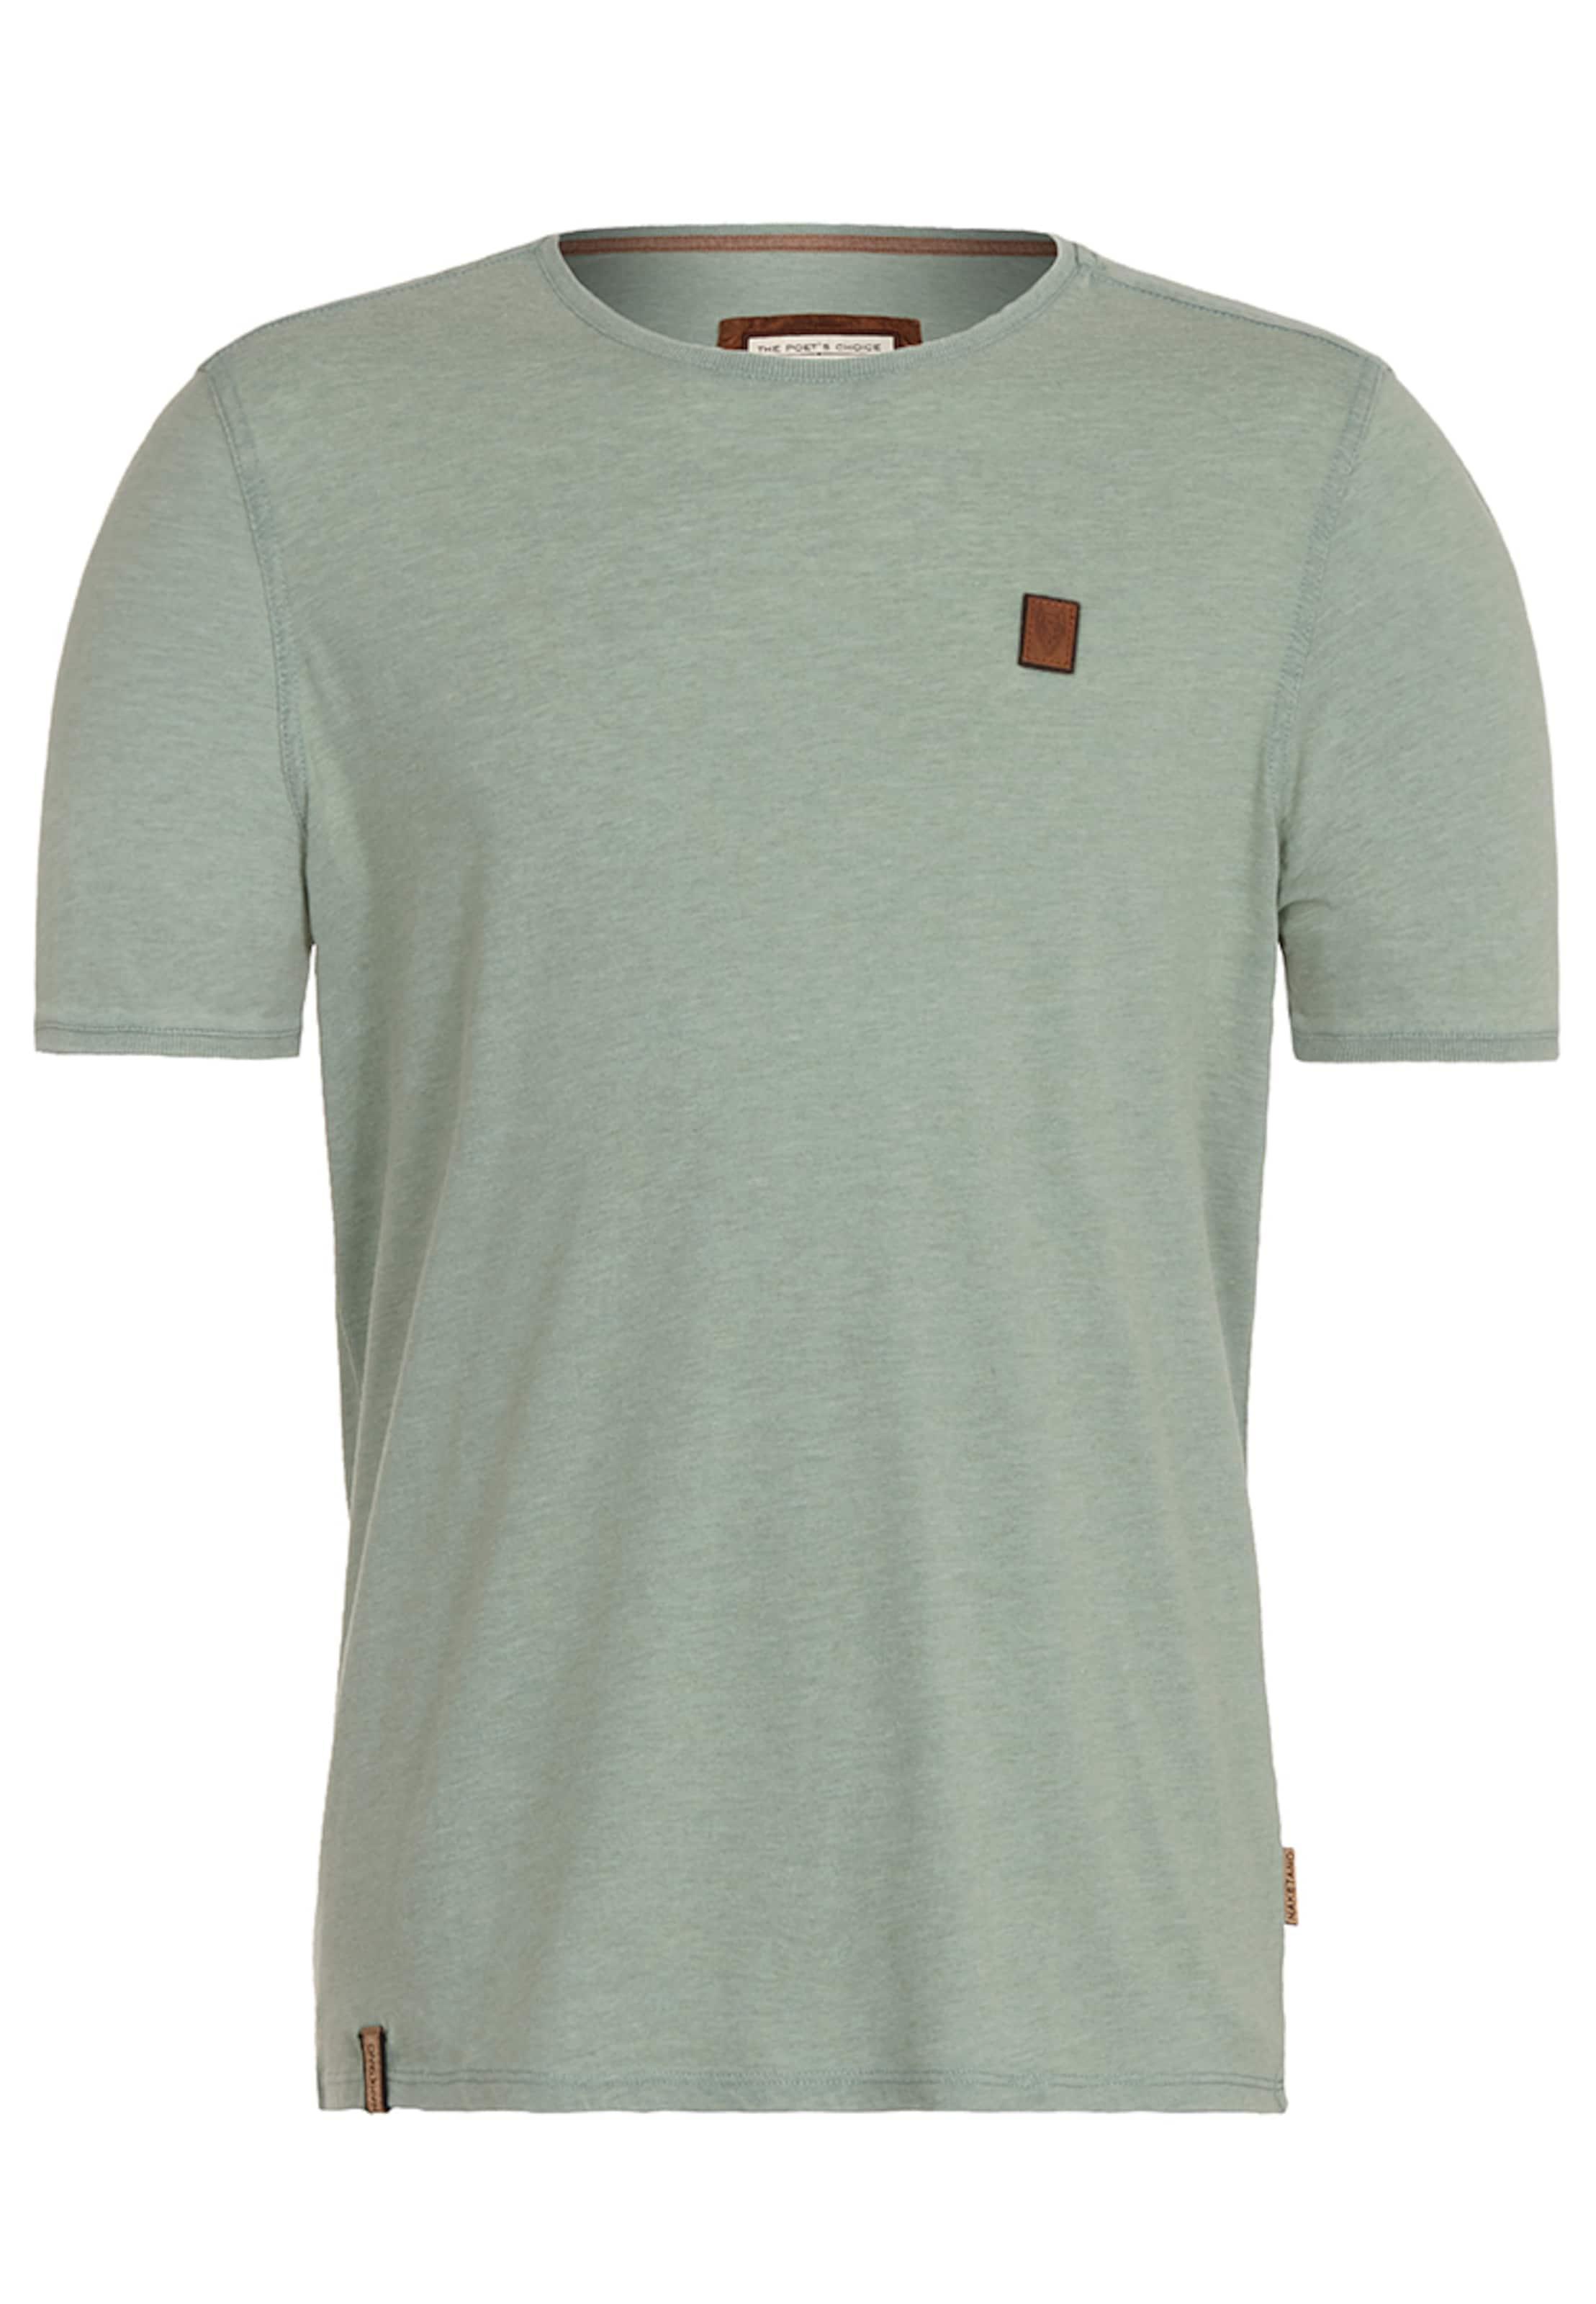 naketano Male T-Shirt 'Halim Trabando III' 2018 Neu Zu Verkaufen Kae9ElVU